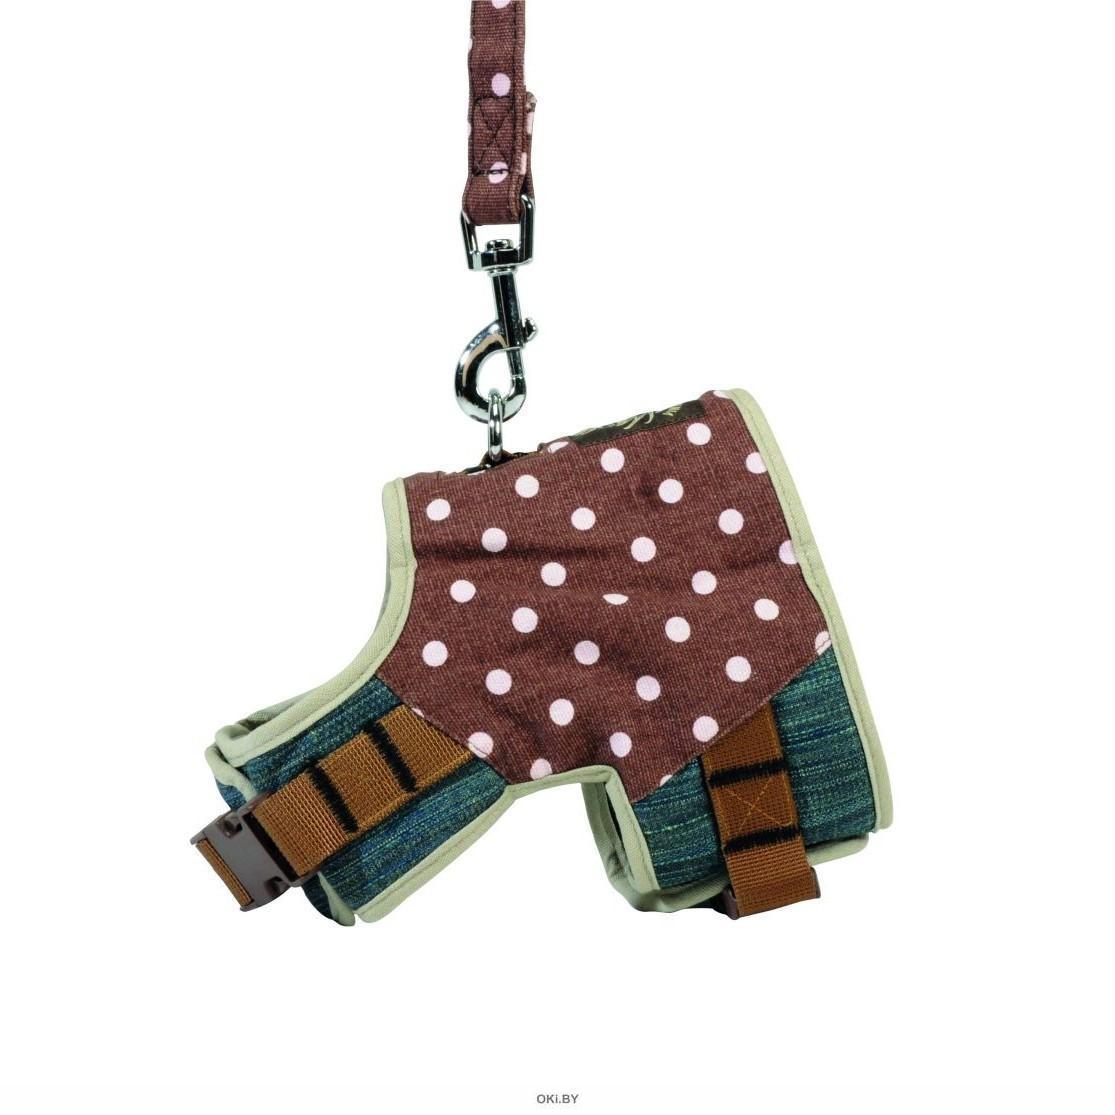 Шлея джинсовая, коричневая, в горошек, с поводком, M, 46-51 см